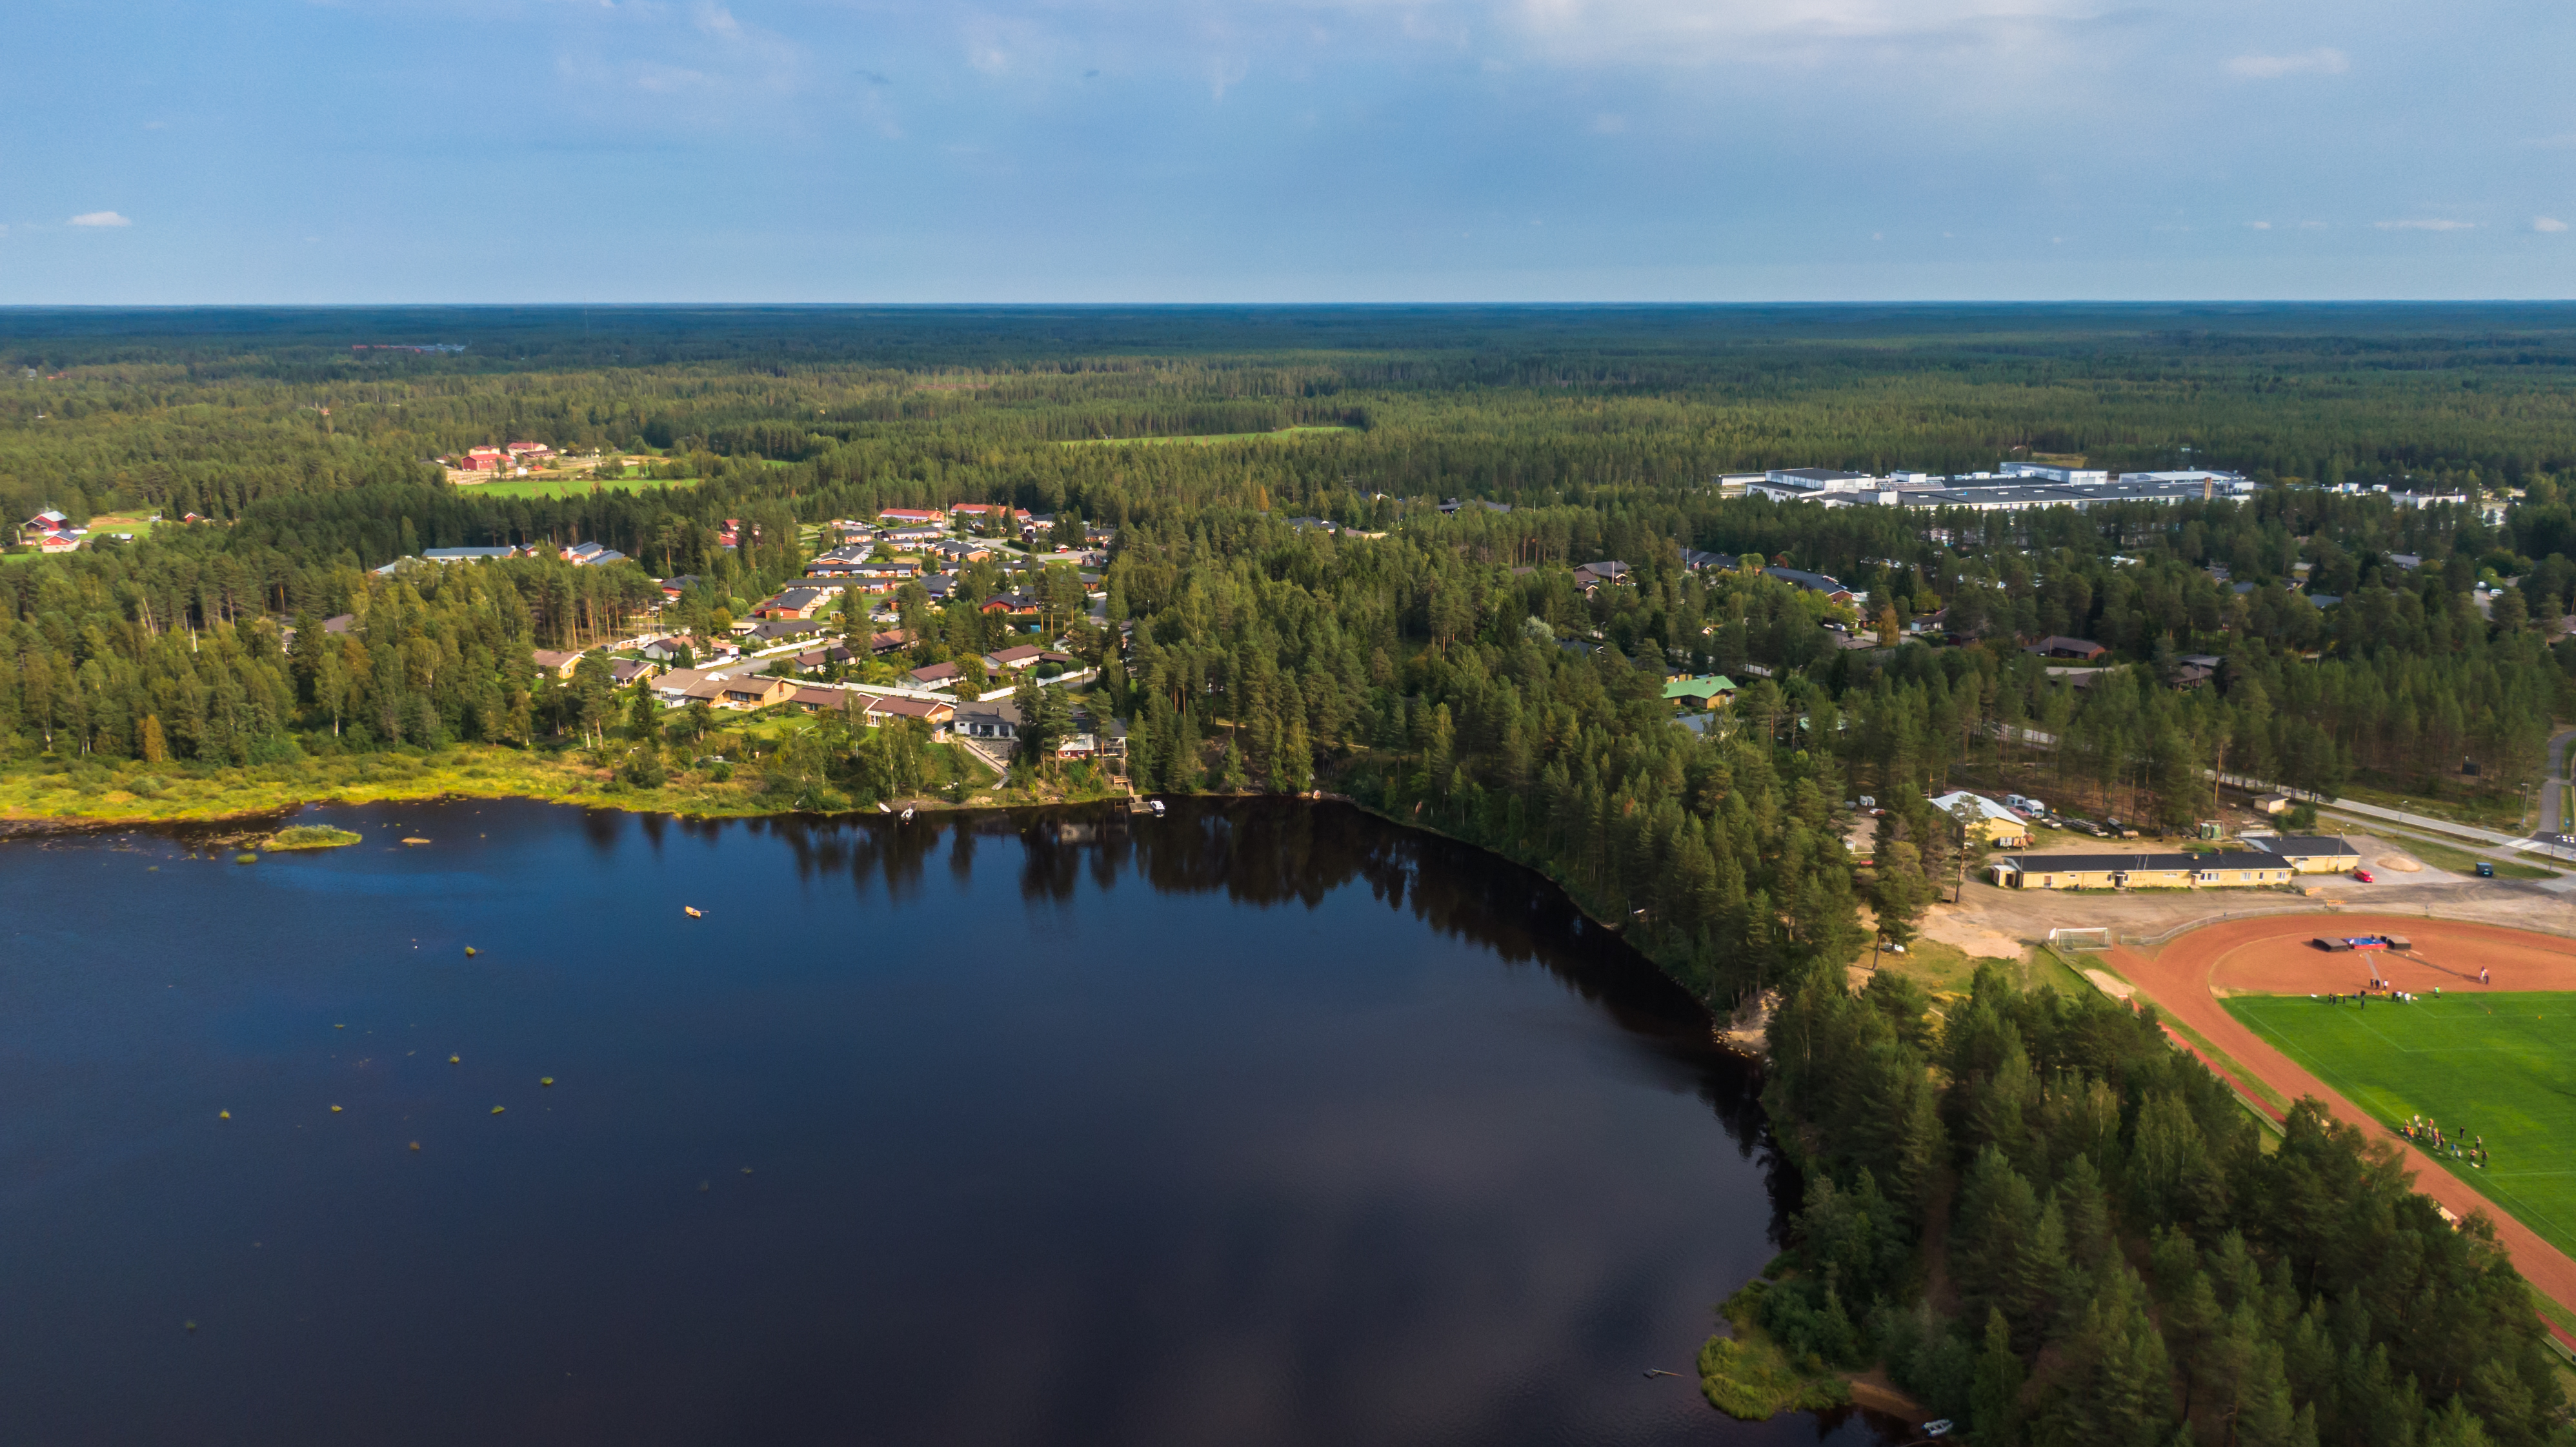 Ukonkaivoksen asuinaluetta ilmasta kuvattuna. Kiiminkijokea, metsäisiä maisemia ja urheilukenttä oikeassa reunassa.